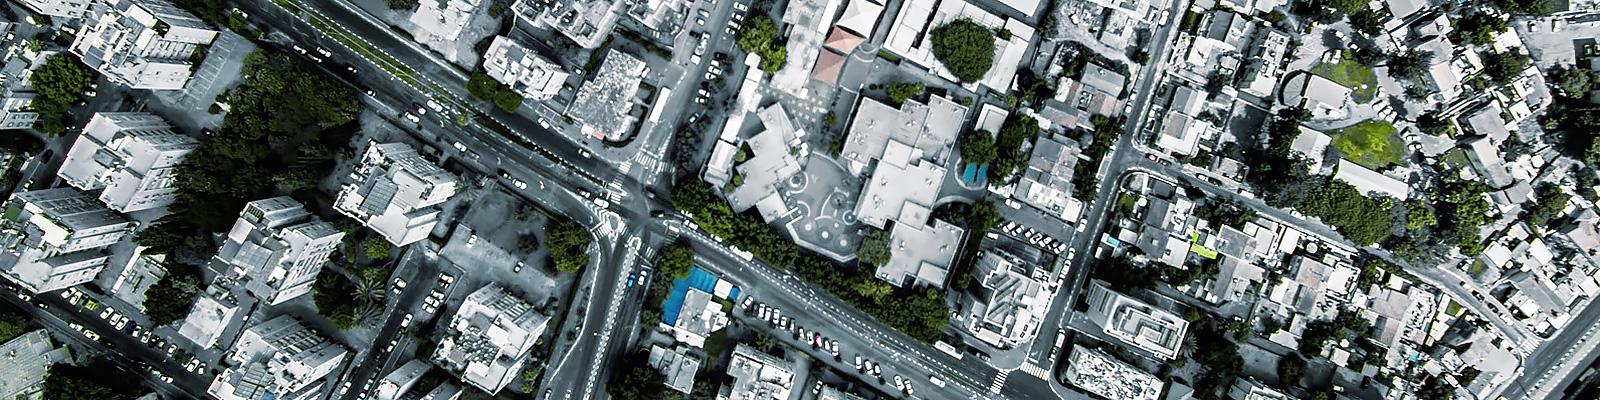 イスラエル 都市 イメージ